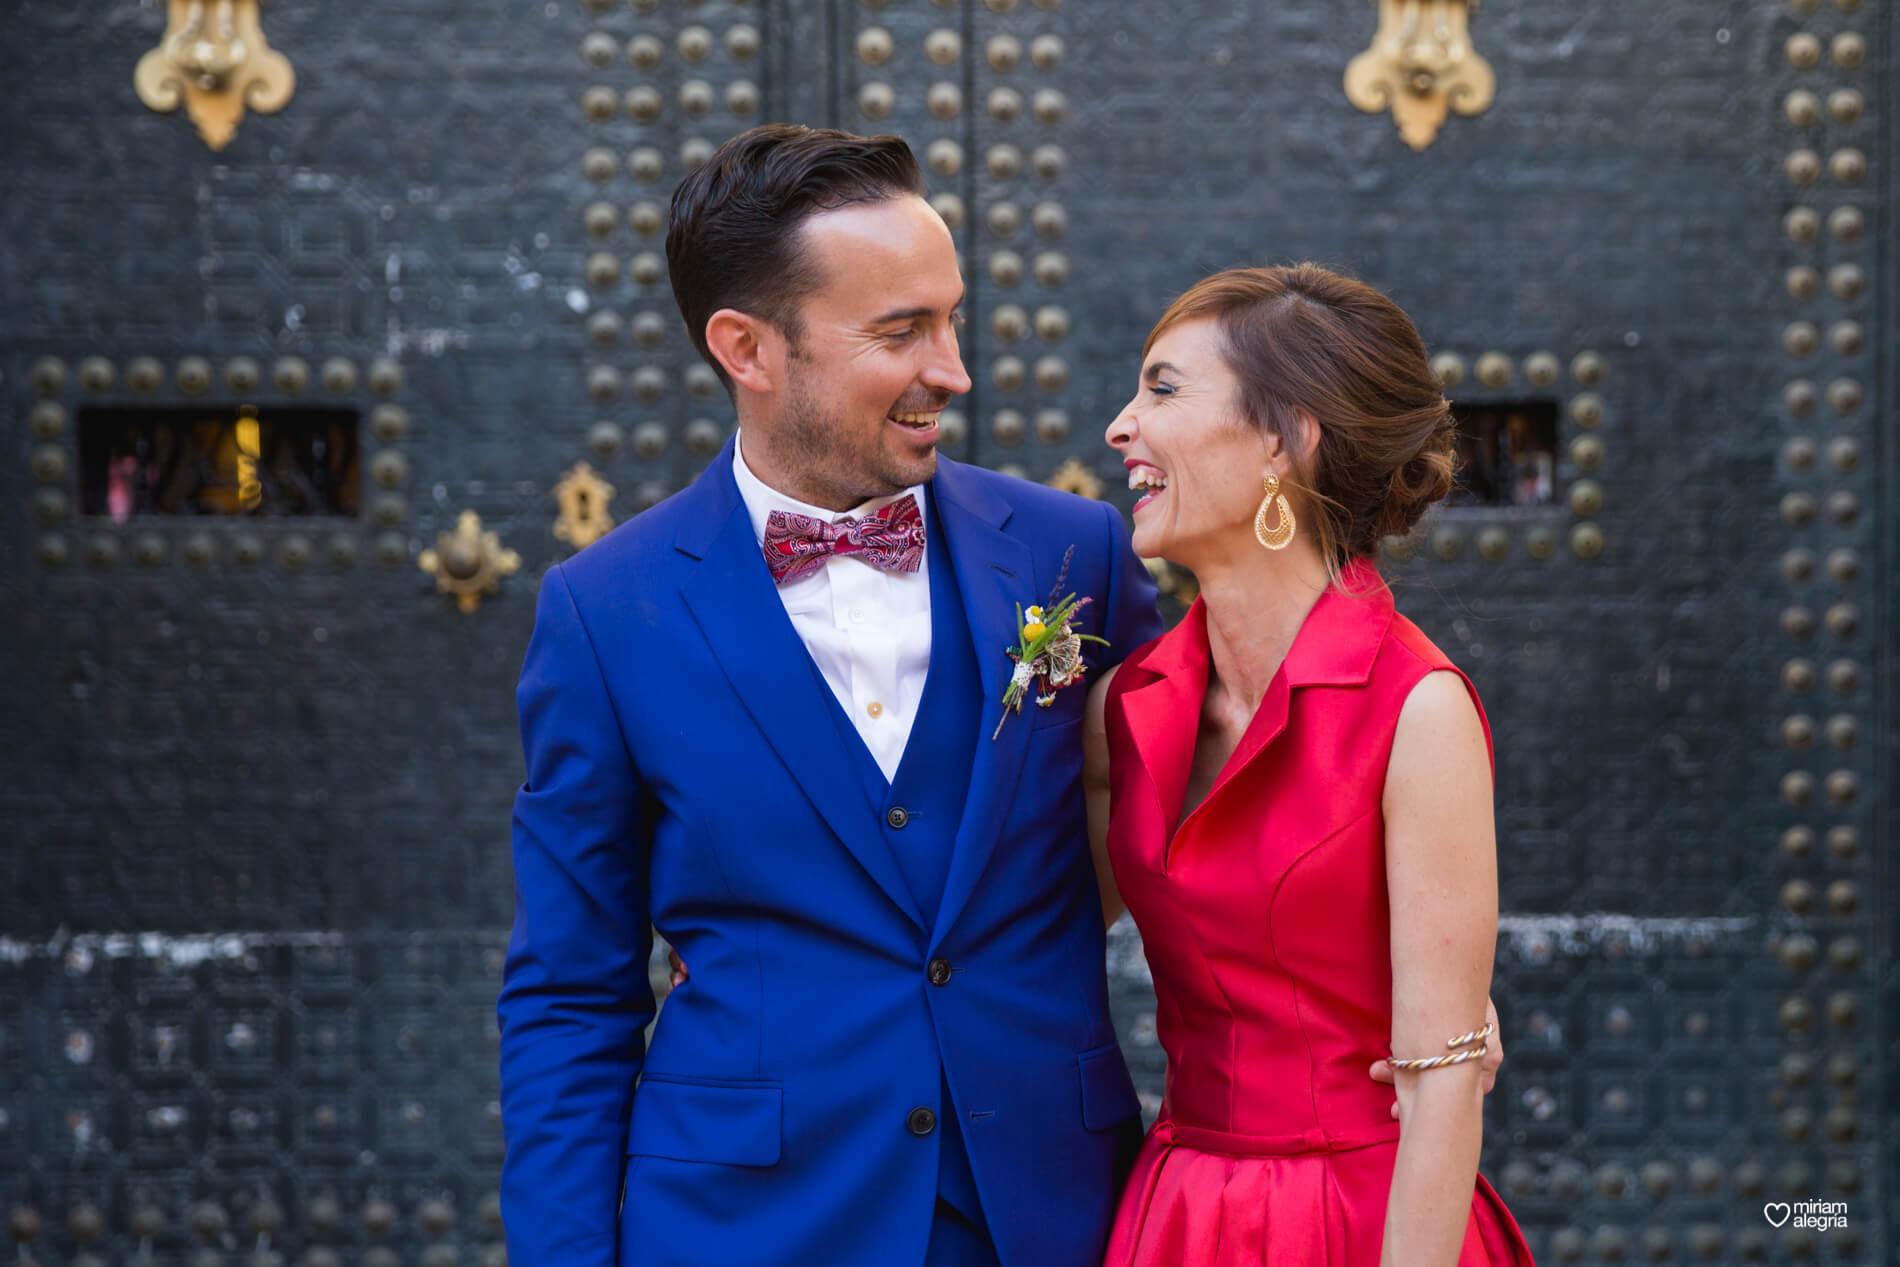 wedding-huerto-del-cura-elche-miriam-alegria-fotografos-boda-243